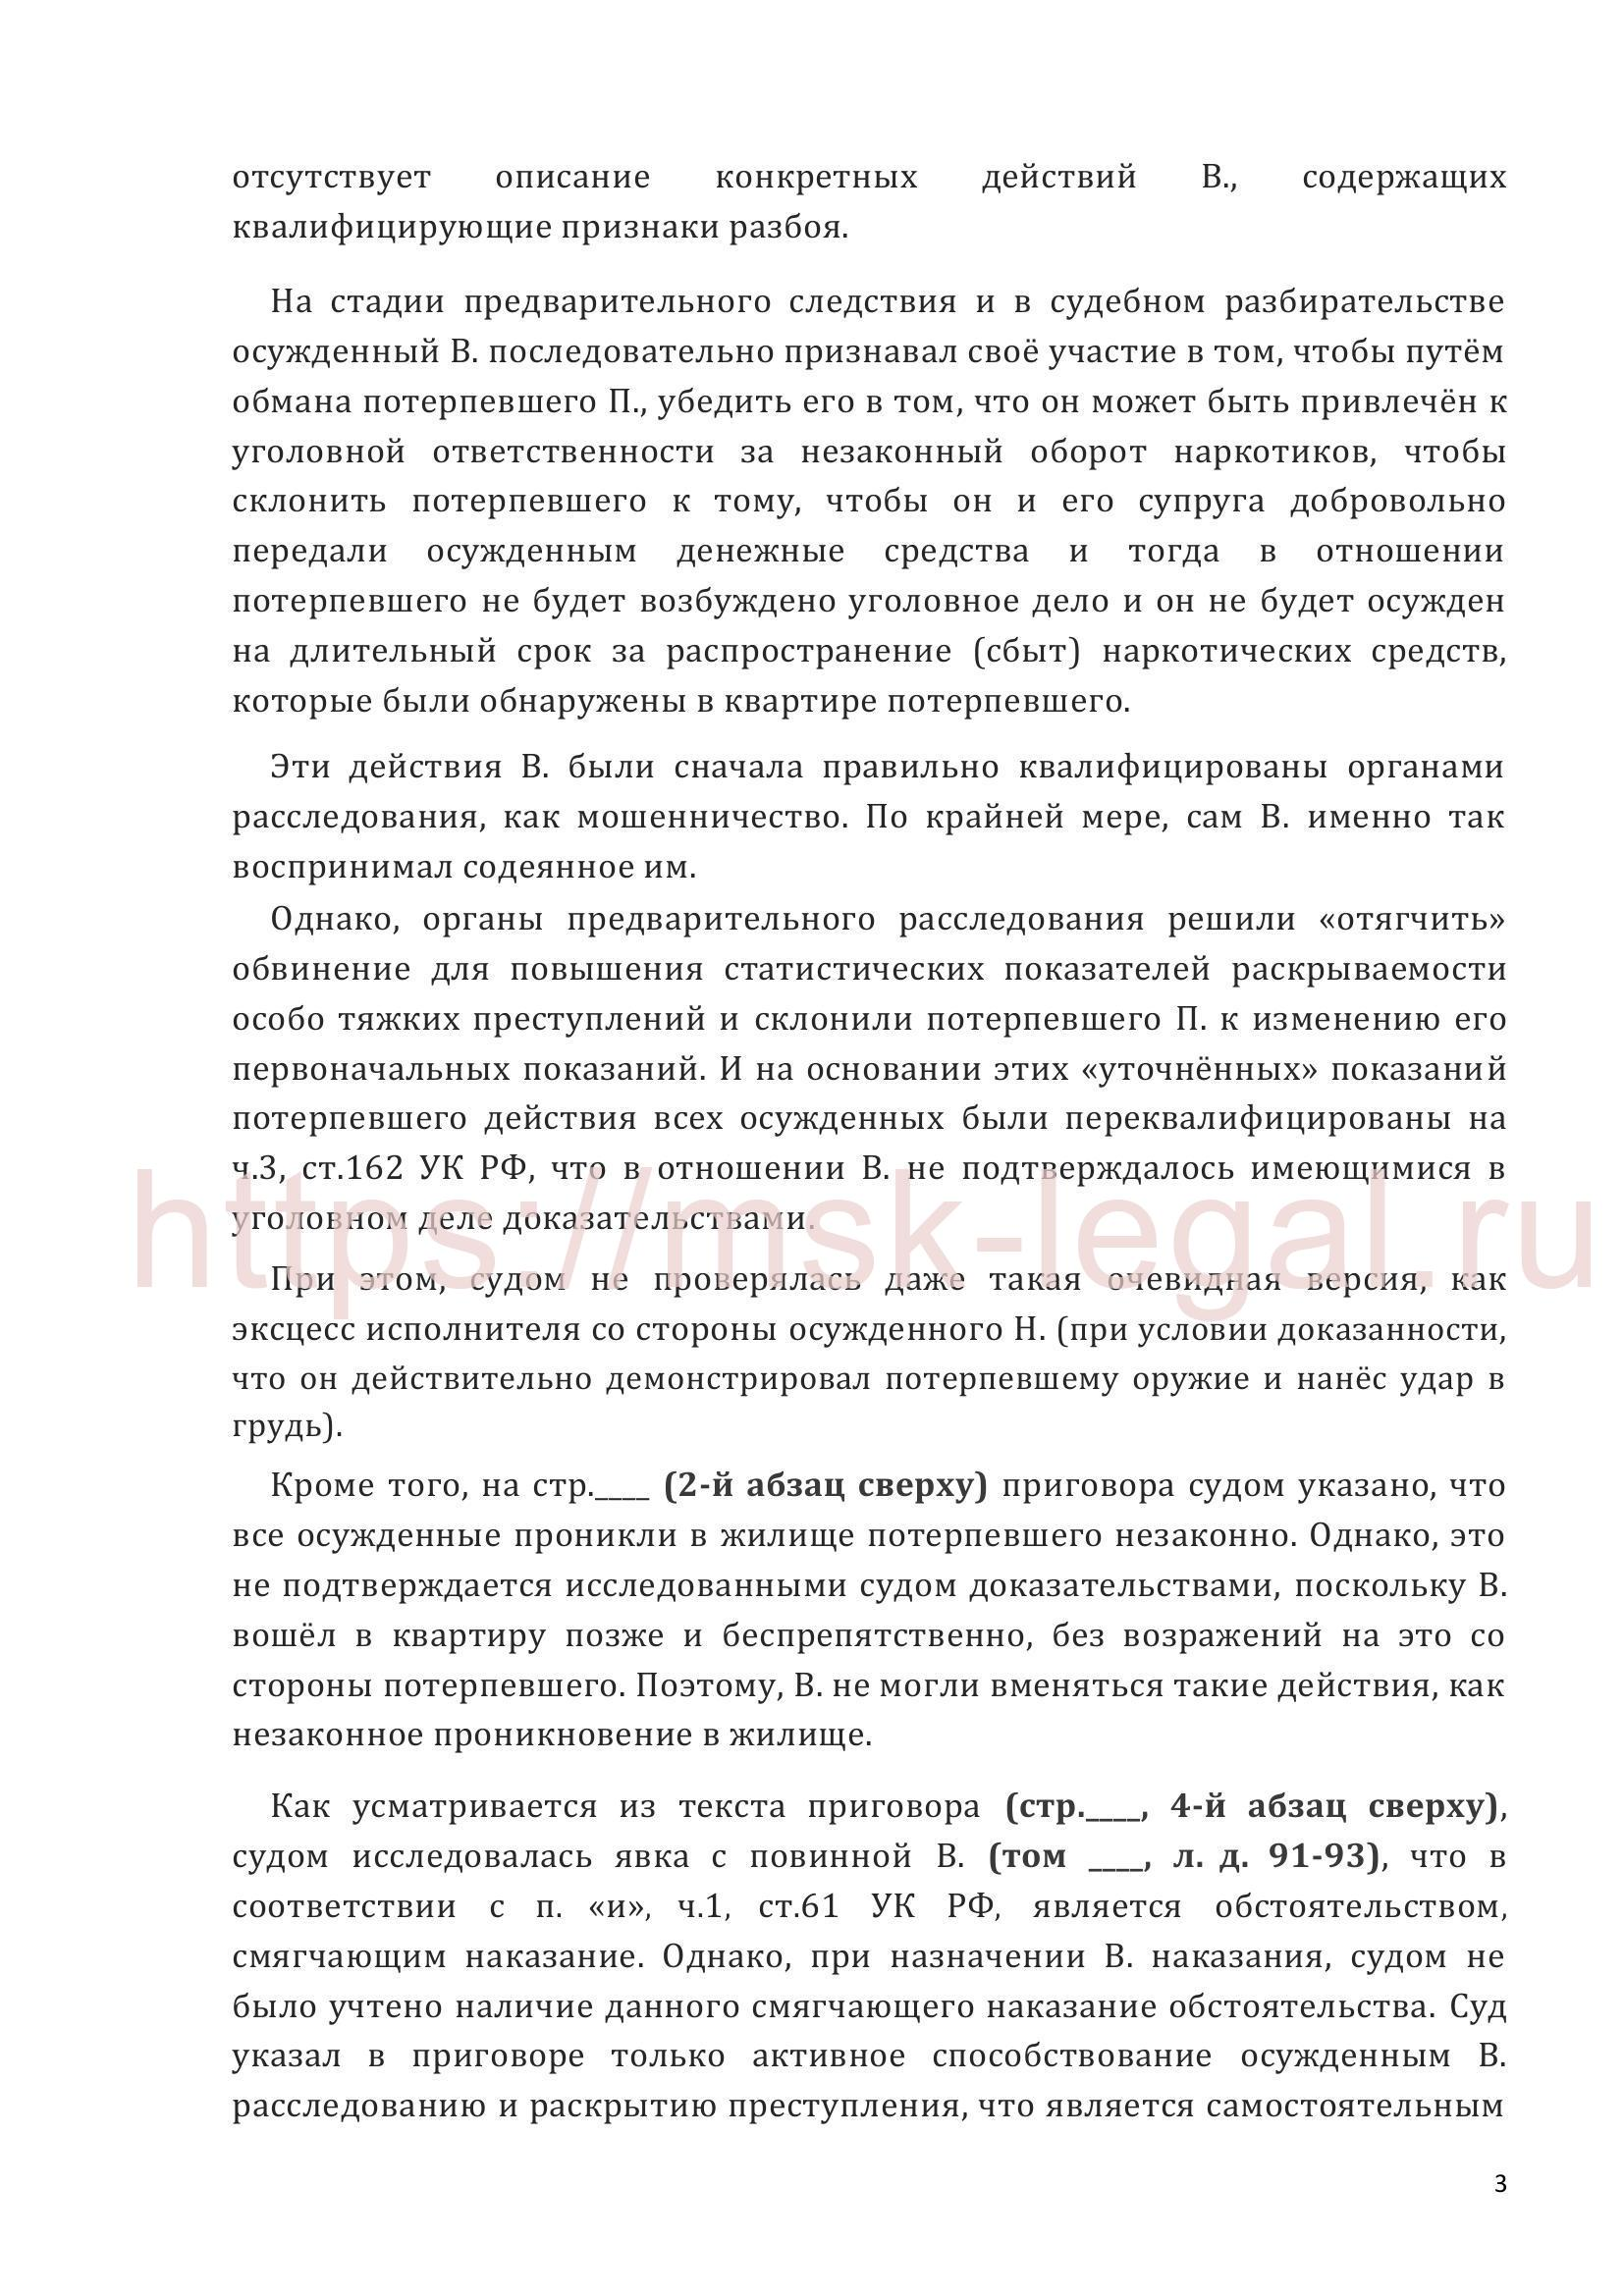 Жалоба на приговор суда по ч. 3 ст. 162 УК РФ